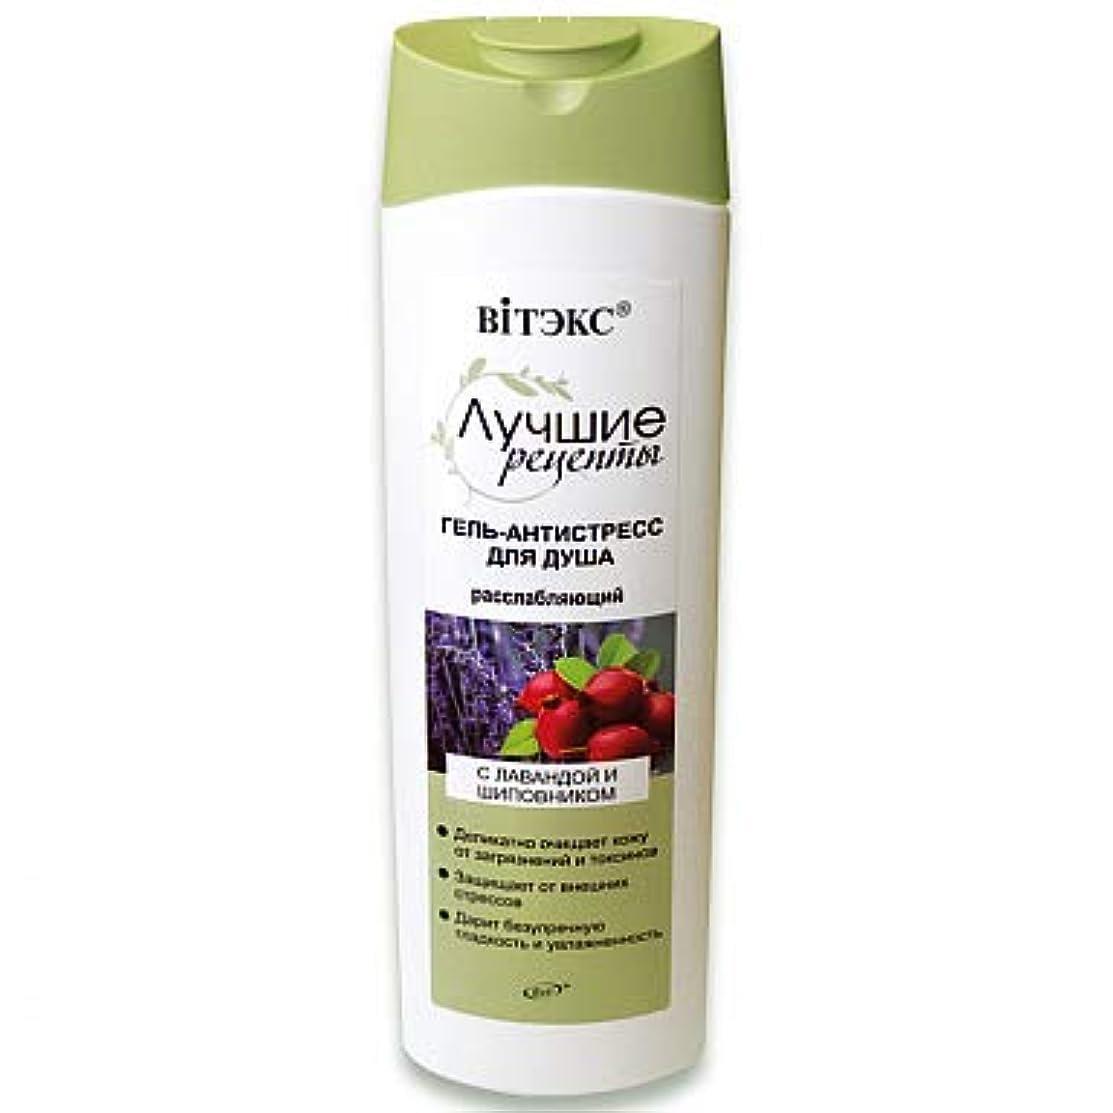 オセアニア不承認用心深いBielita & Vitex Best Recipes Line | Relaxing Anti-Stress Shower Gel for All Skin Types, 470 ml | Moringa Extract...